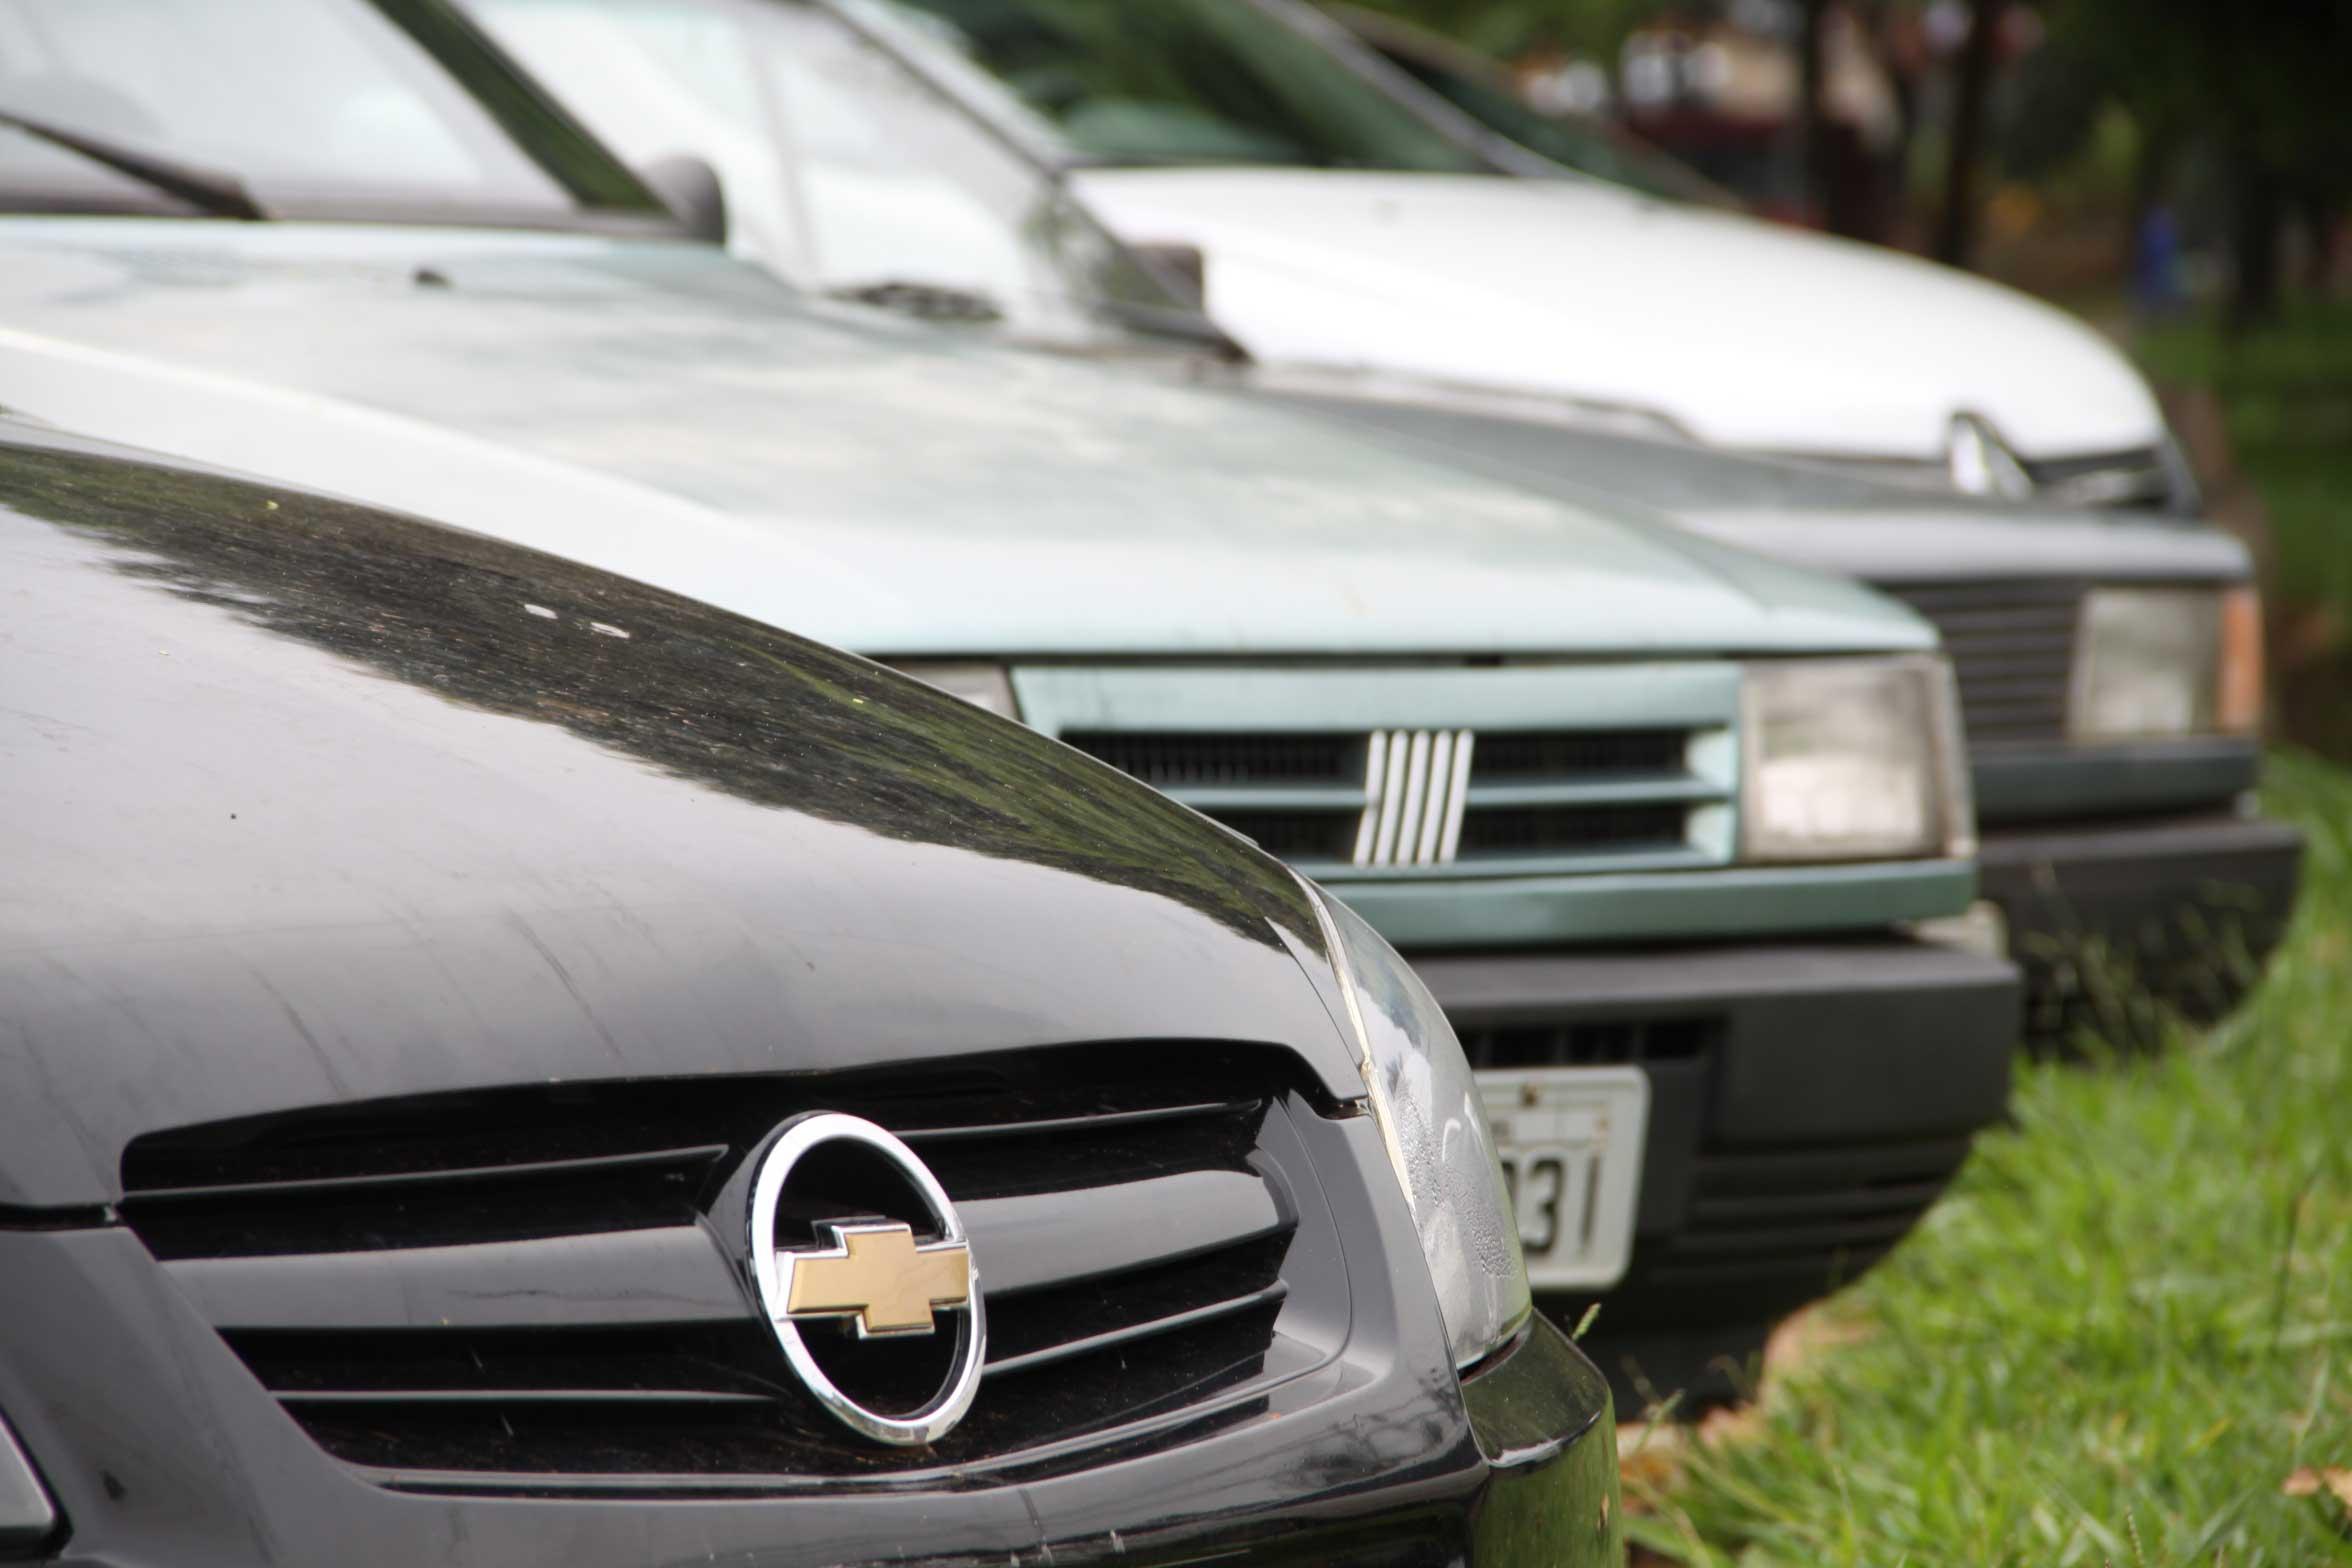 Furto de carros velhos em Umuarama